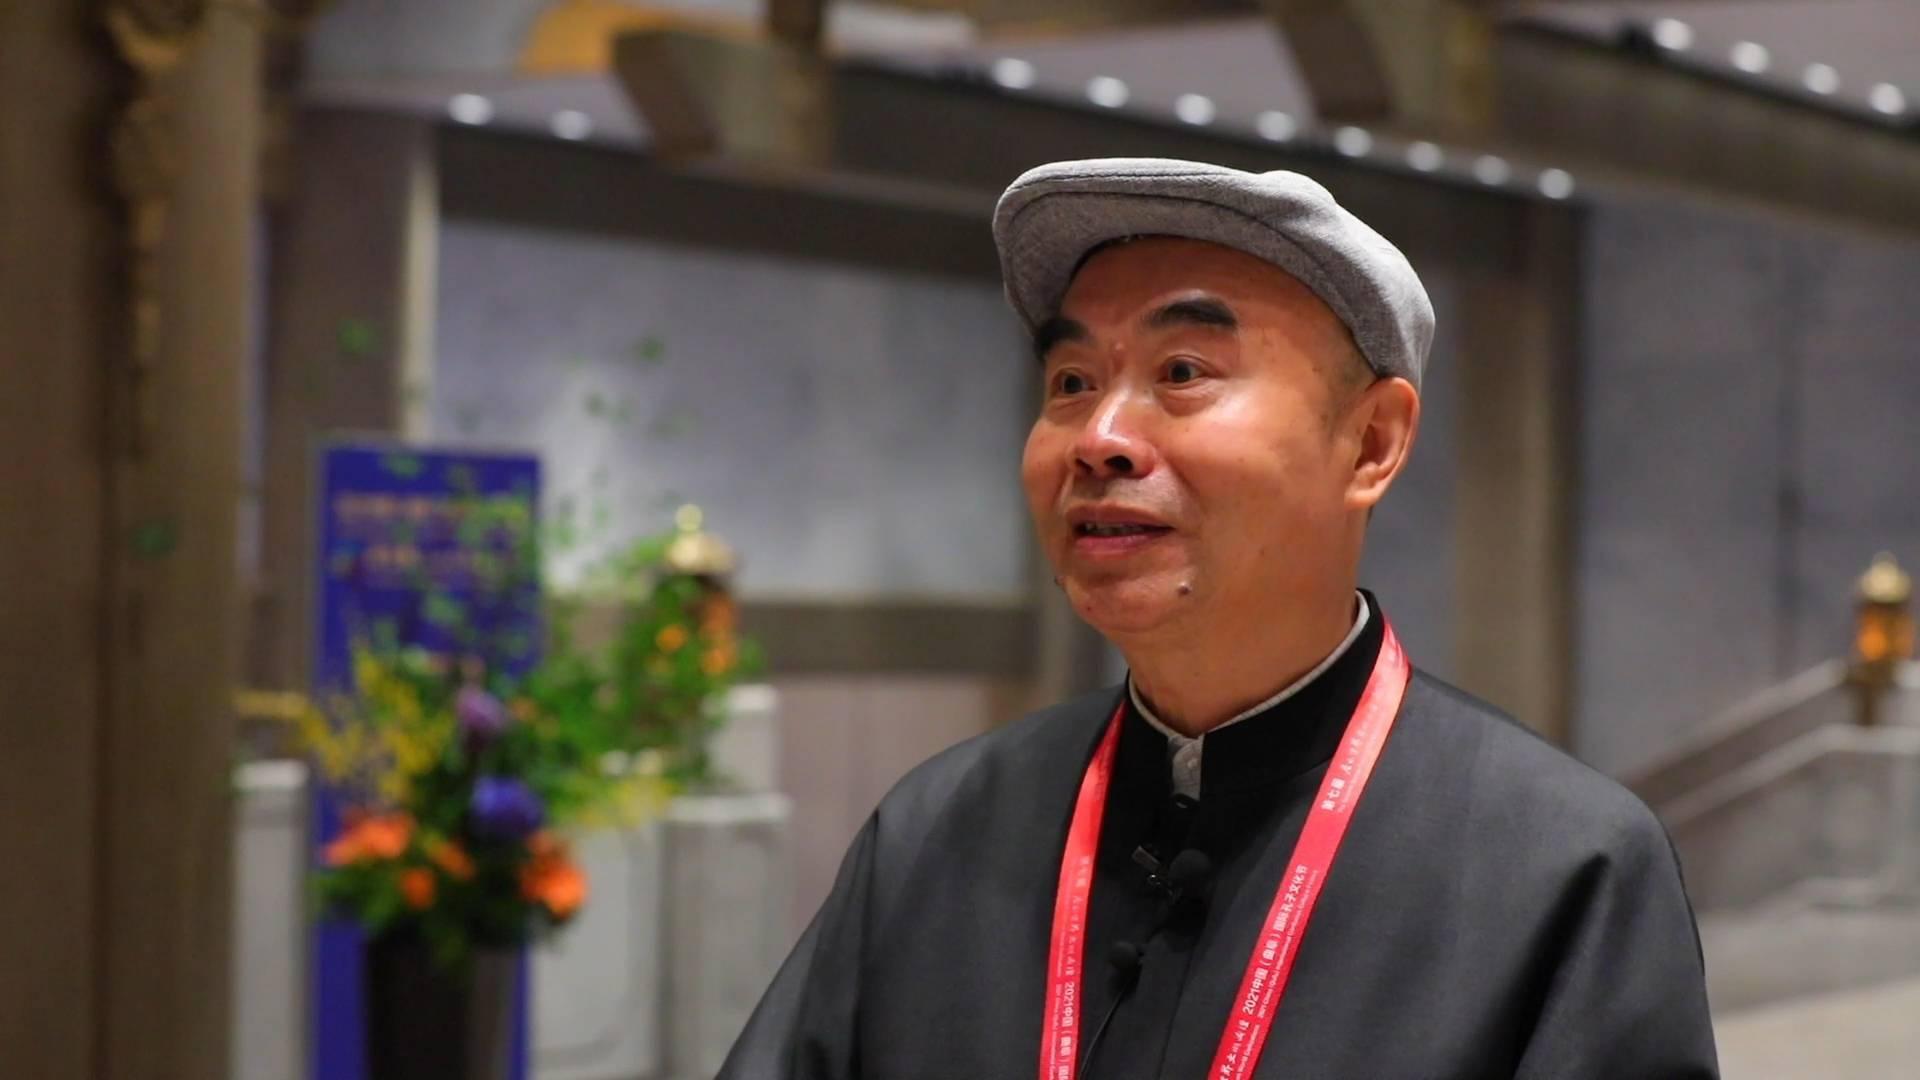 四川大学国际儒学研究院院长舒大刚:传承发展中华优秀传统文化要重温经典